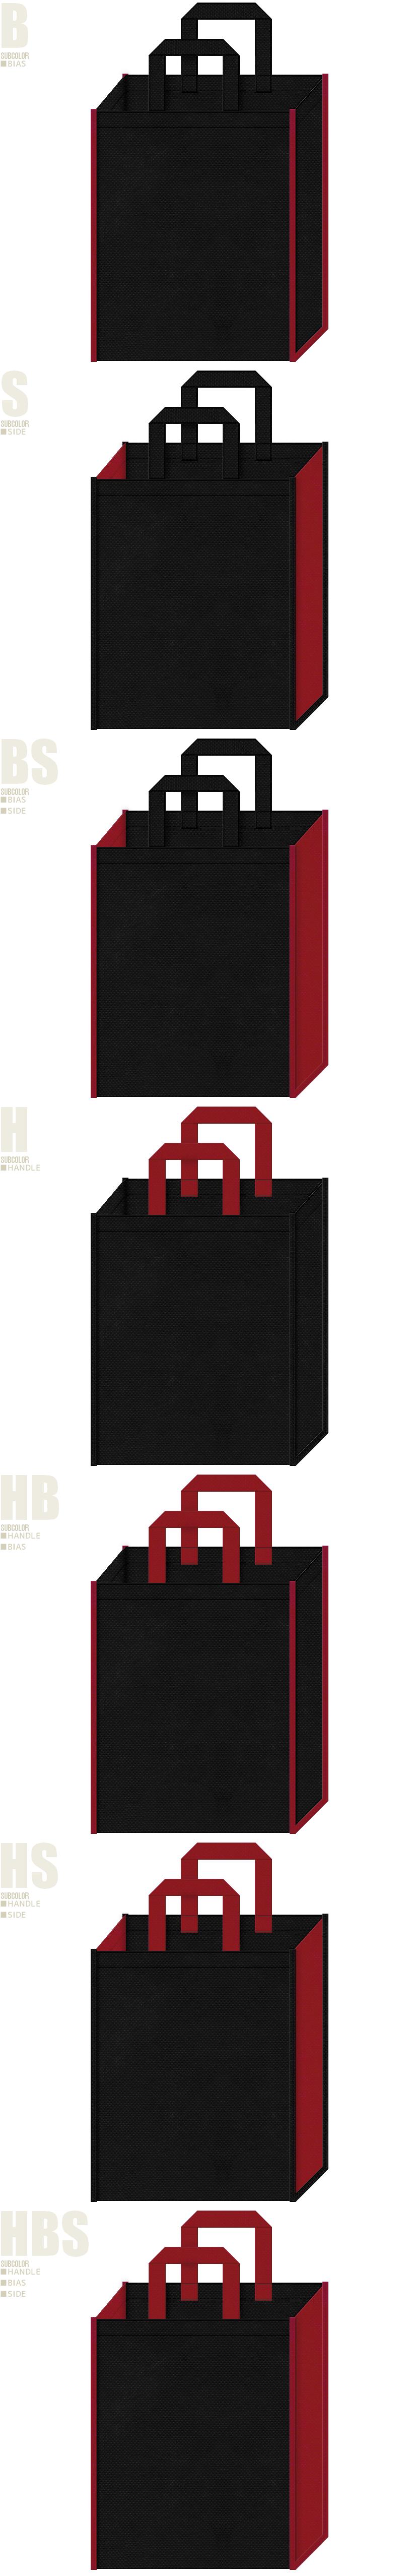 黒色とエンジ色、7パターンの不織布トートバッグ配色デザイン例。舞踏会・演奏会・クラッシックコンサート・楽器にお奨めです。